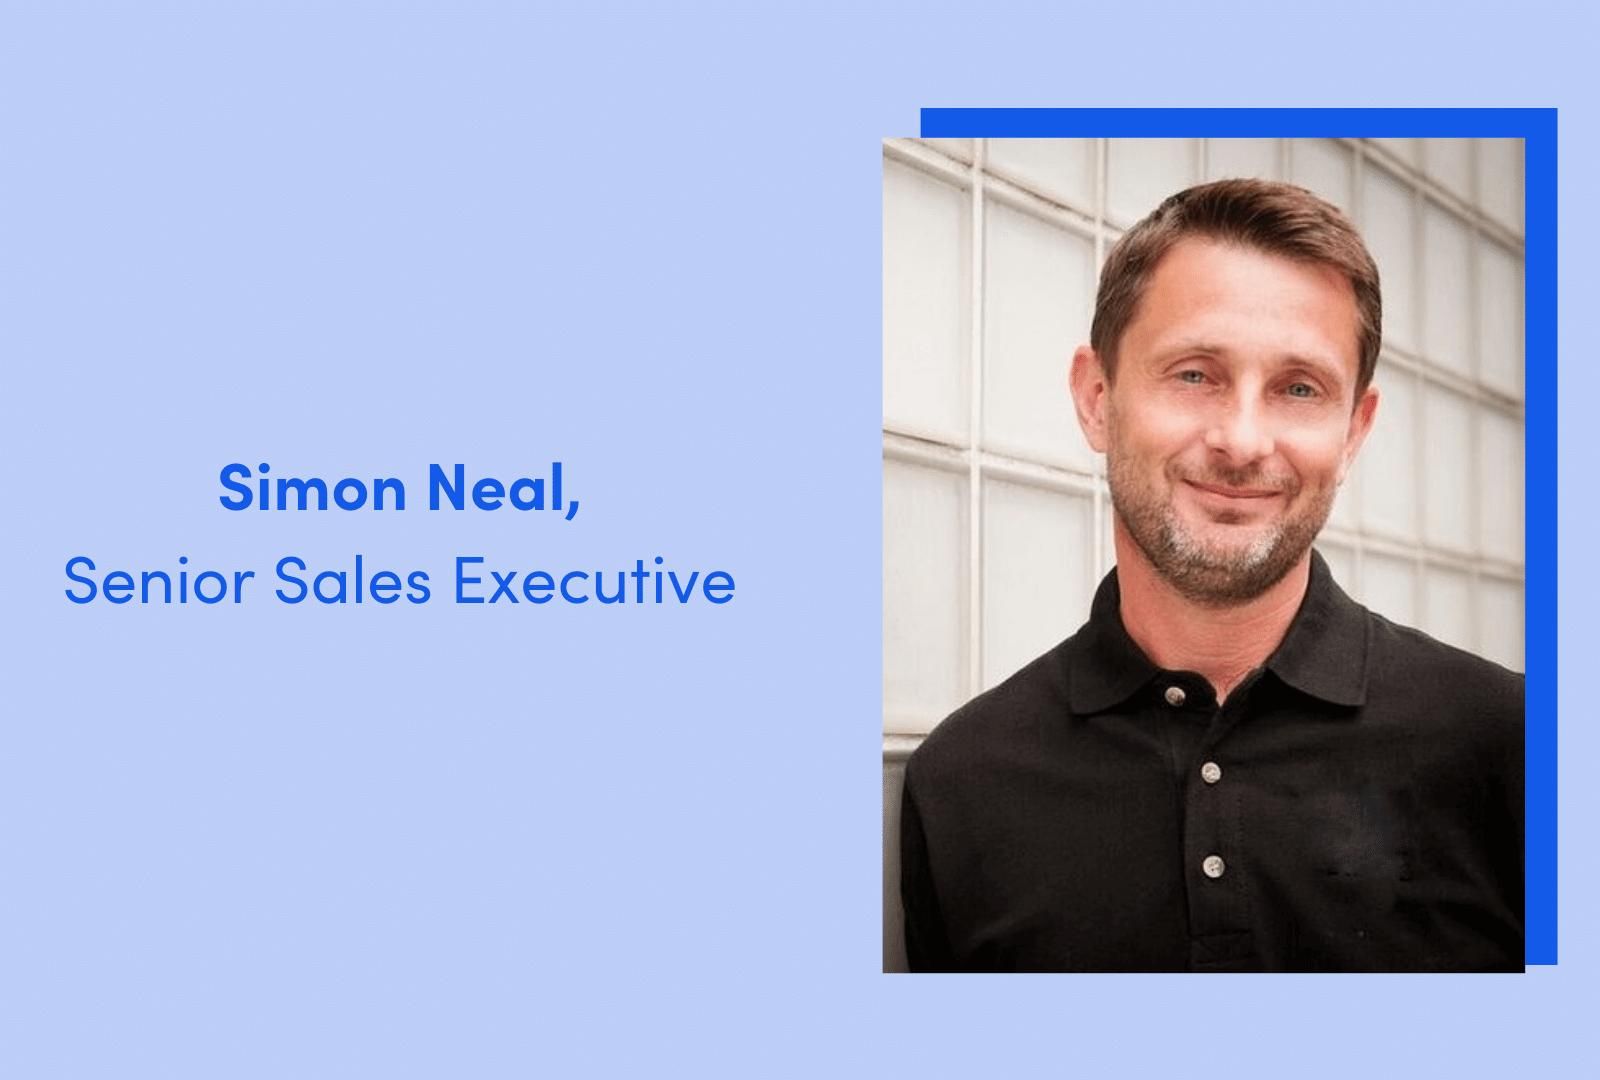 Life at DPOrganizer: Simon Neal